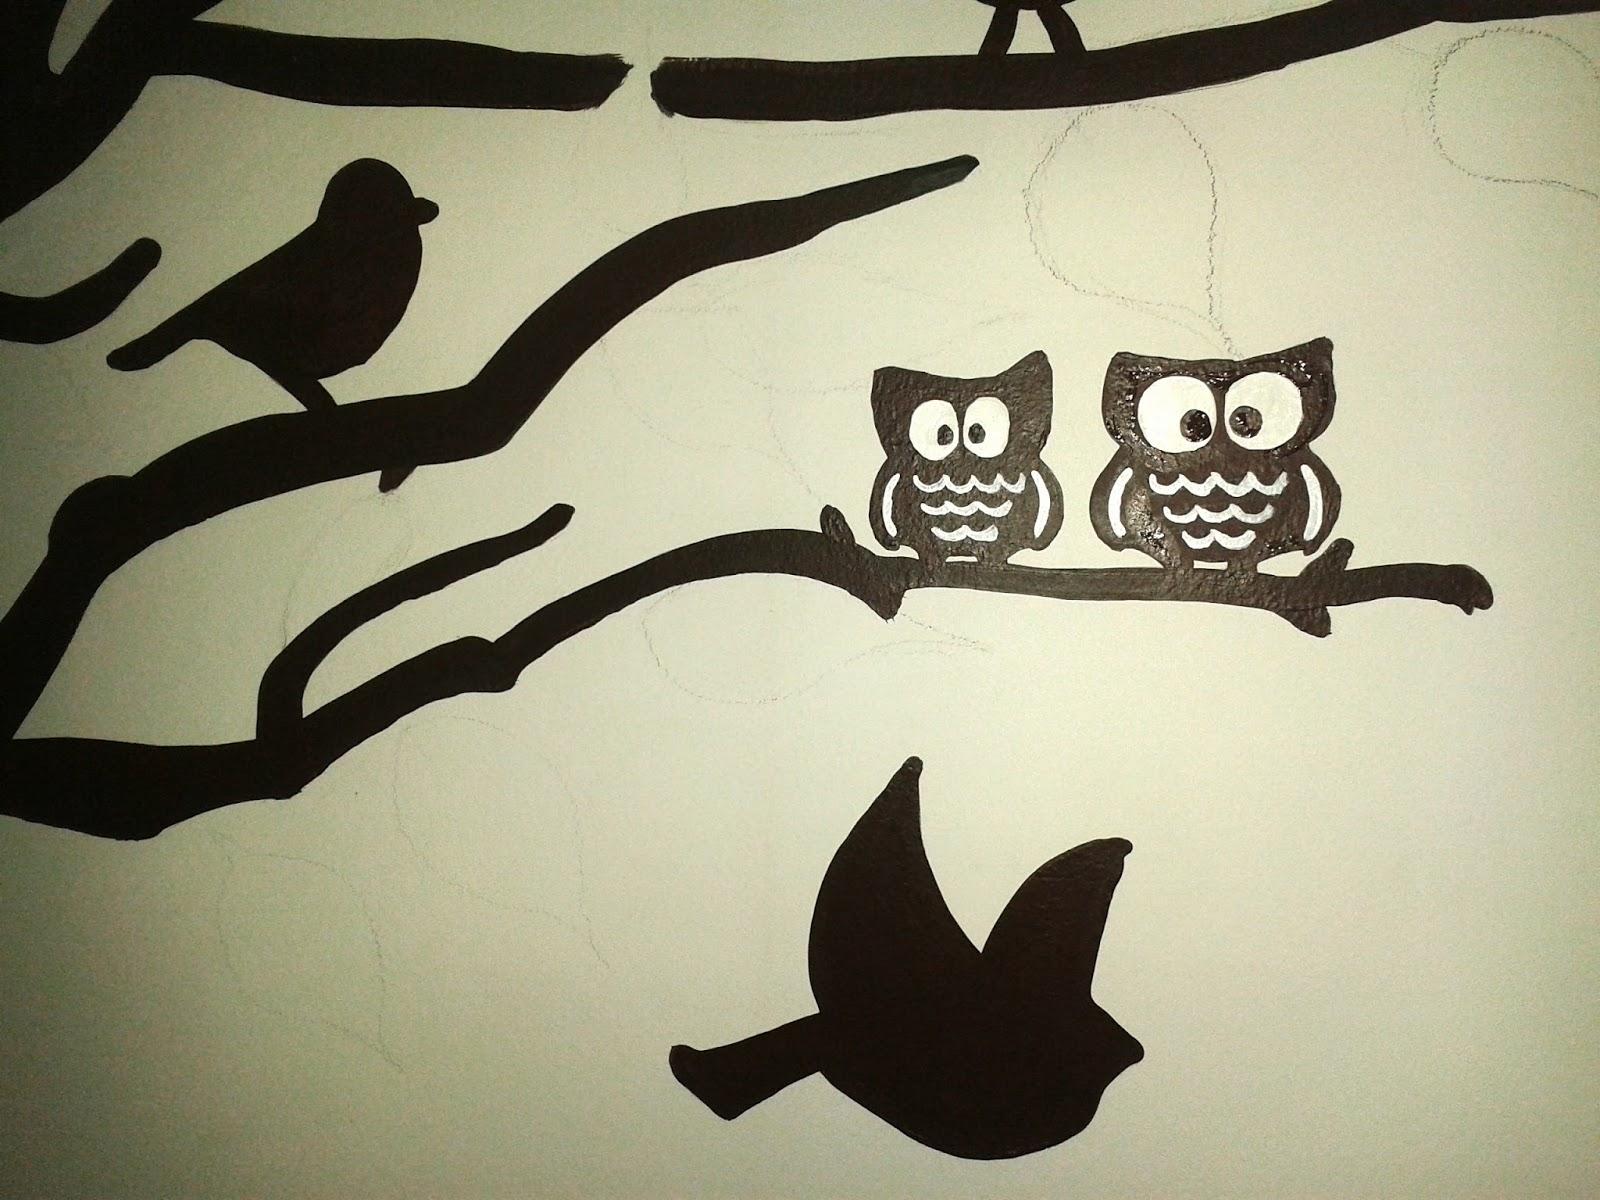 Diy mural rbol con hojas geno dise o arte for Dibujos faciles para paredes